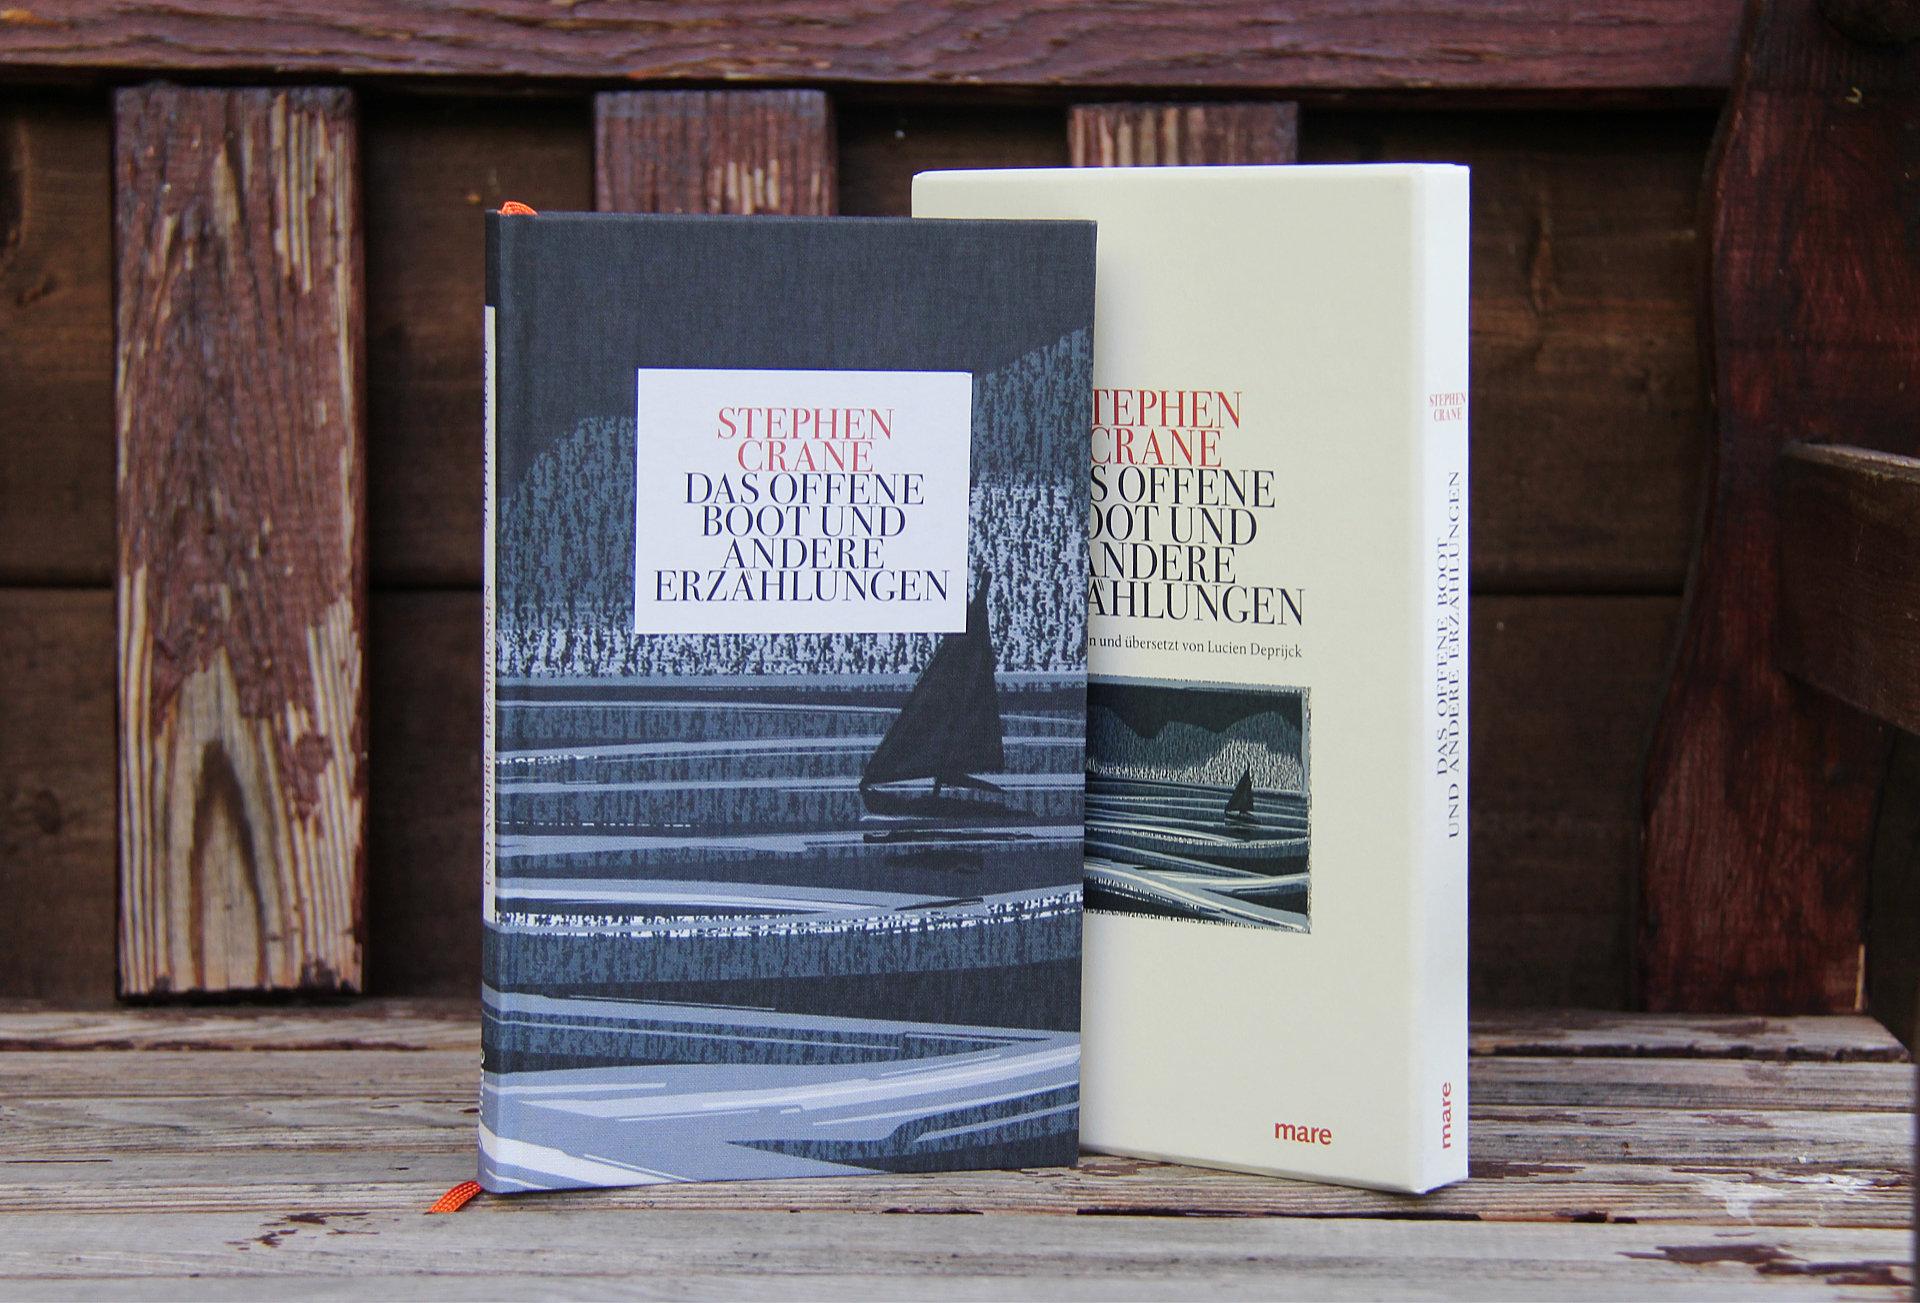 Das offene Boot und andere Erzählungen • Stephen Crane